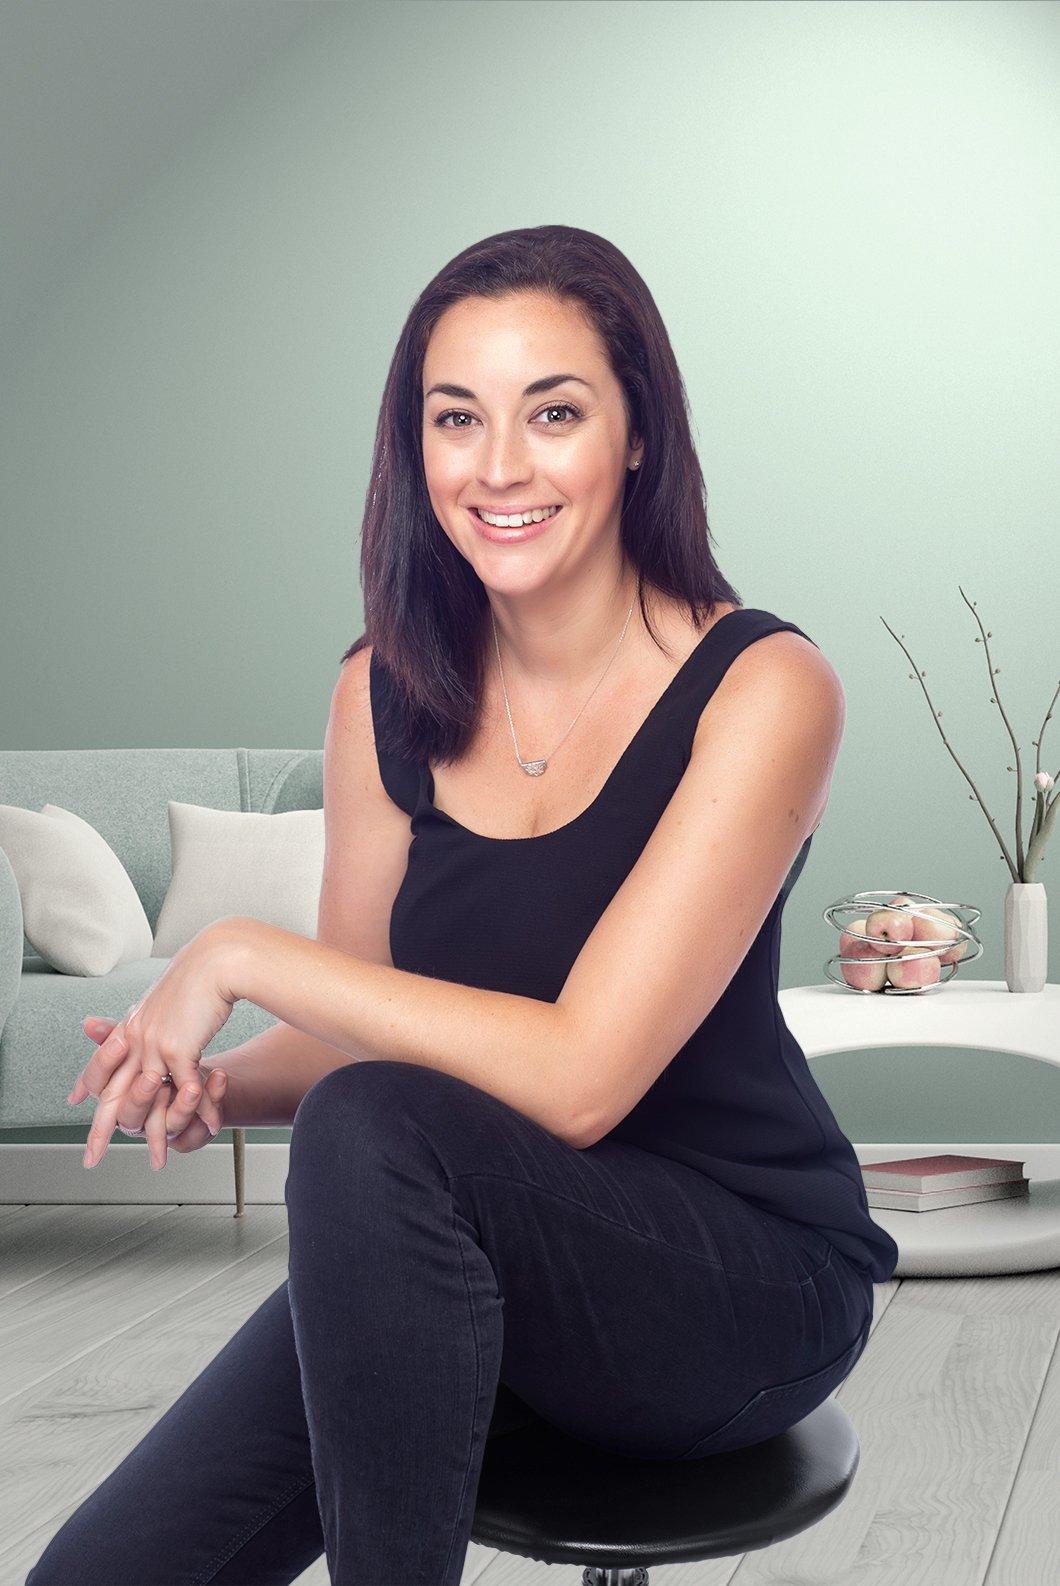 Yvette Guerin The Peak HR Showcase Image